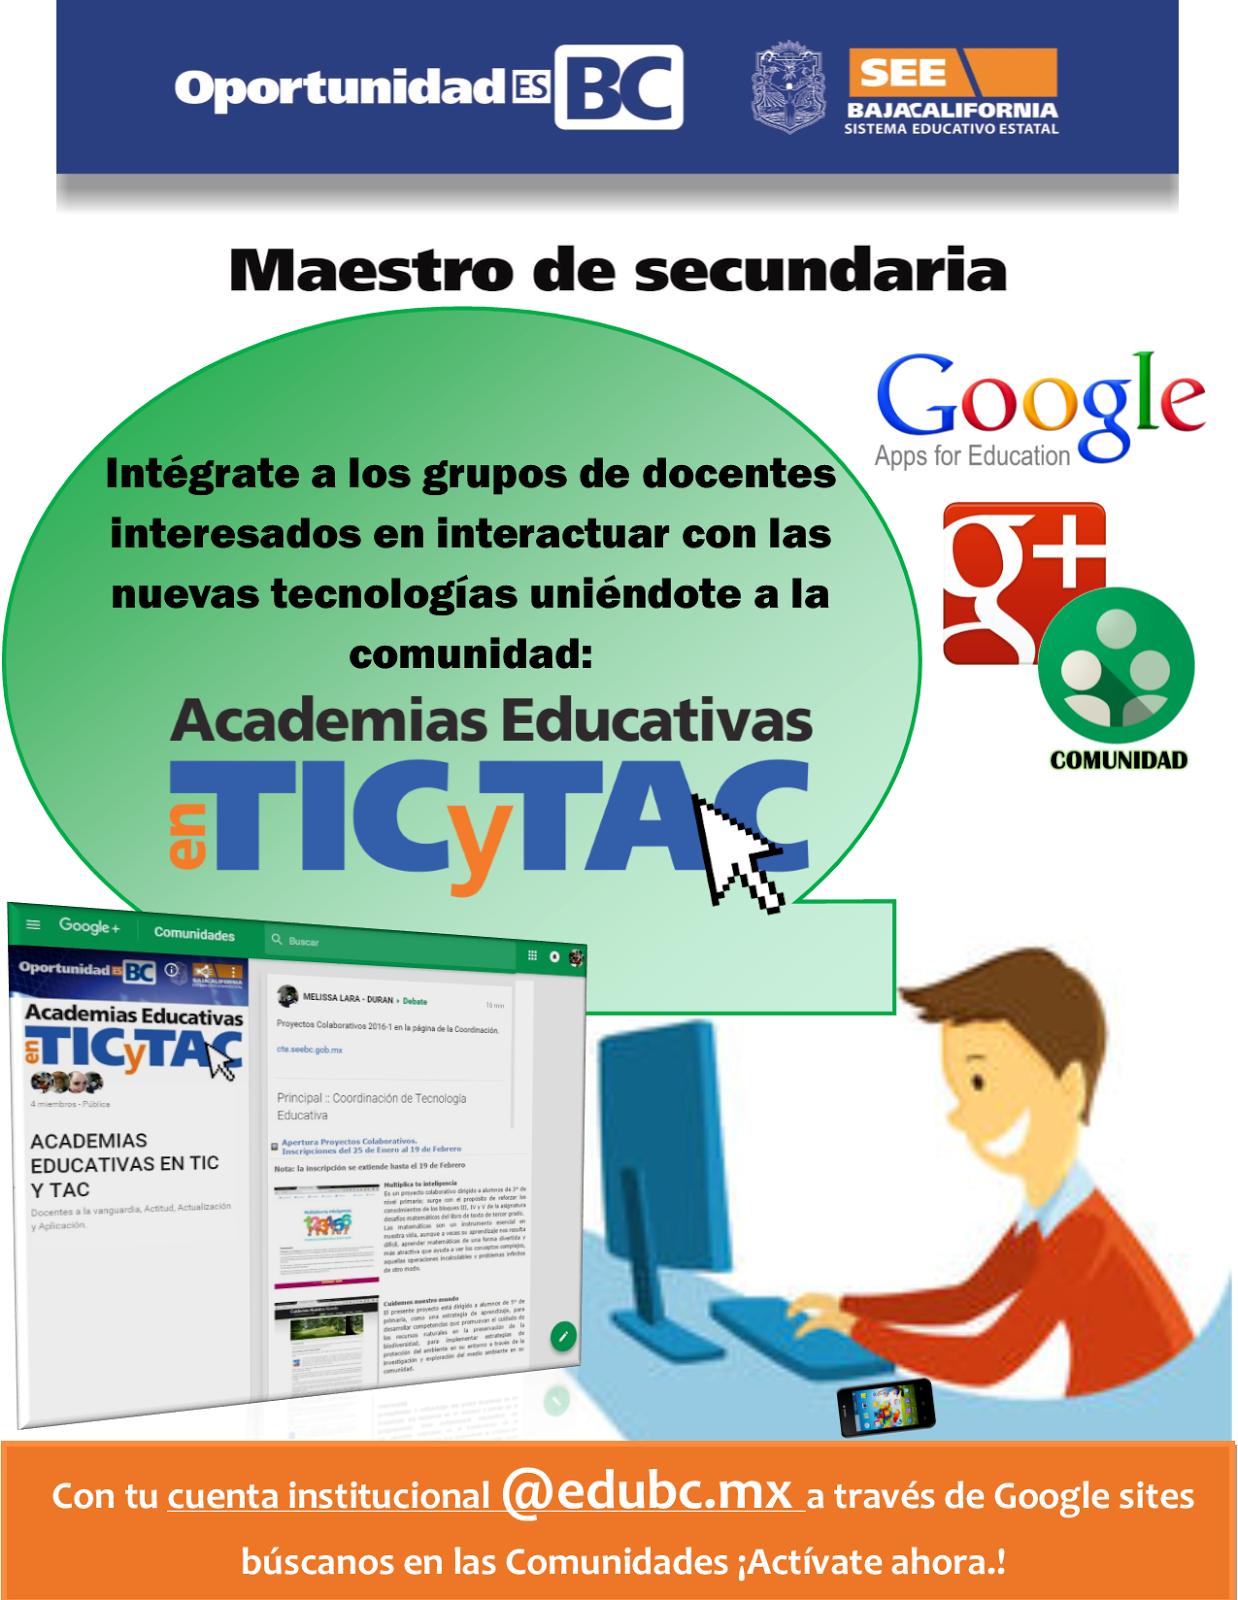 COMUNIDAD GOOGLE TECNOLOGÍA EDUCATIVA